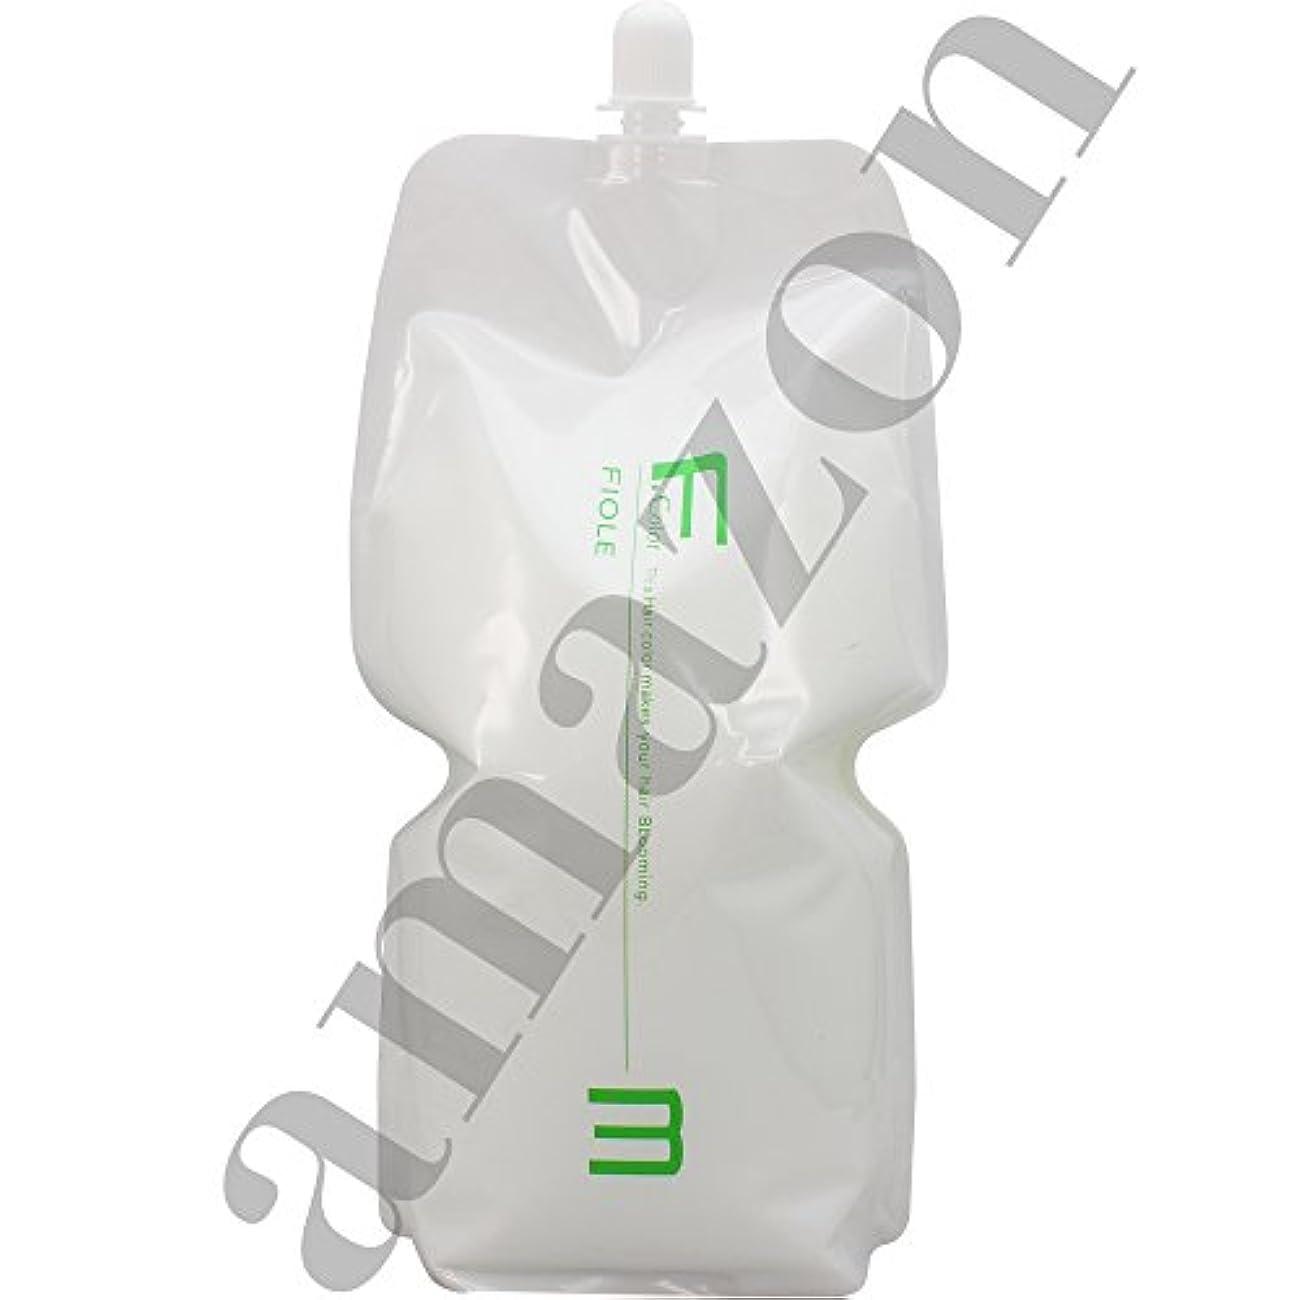 接続された評議会会員フィヨーレ BLカラー OX 2000ml 染毛補助剤 第2剤 パウチ (OX3%)